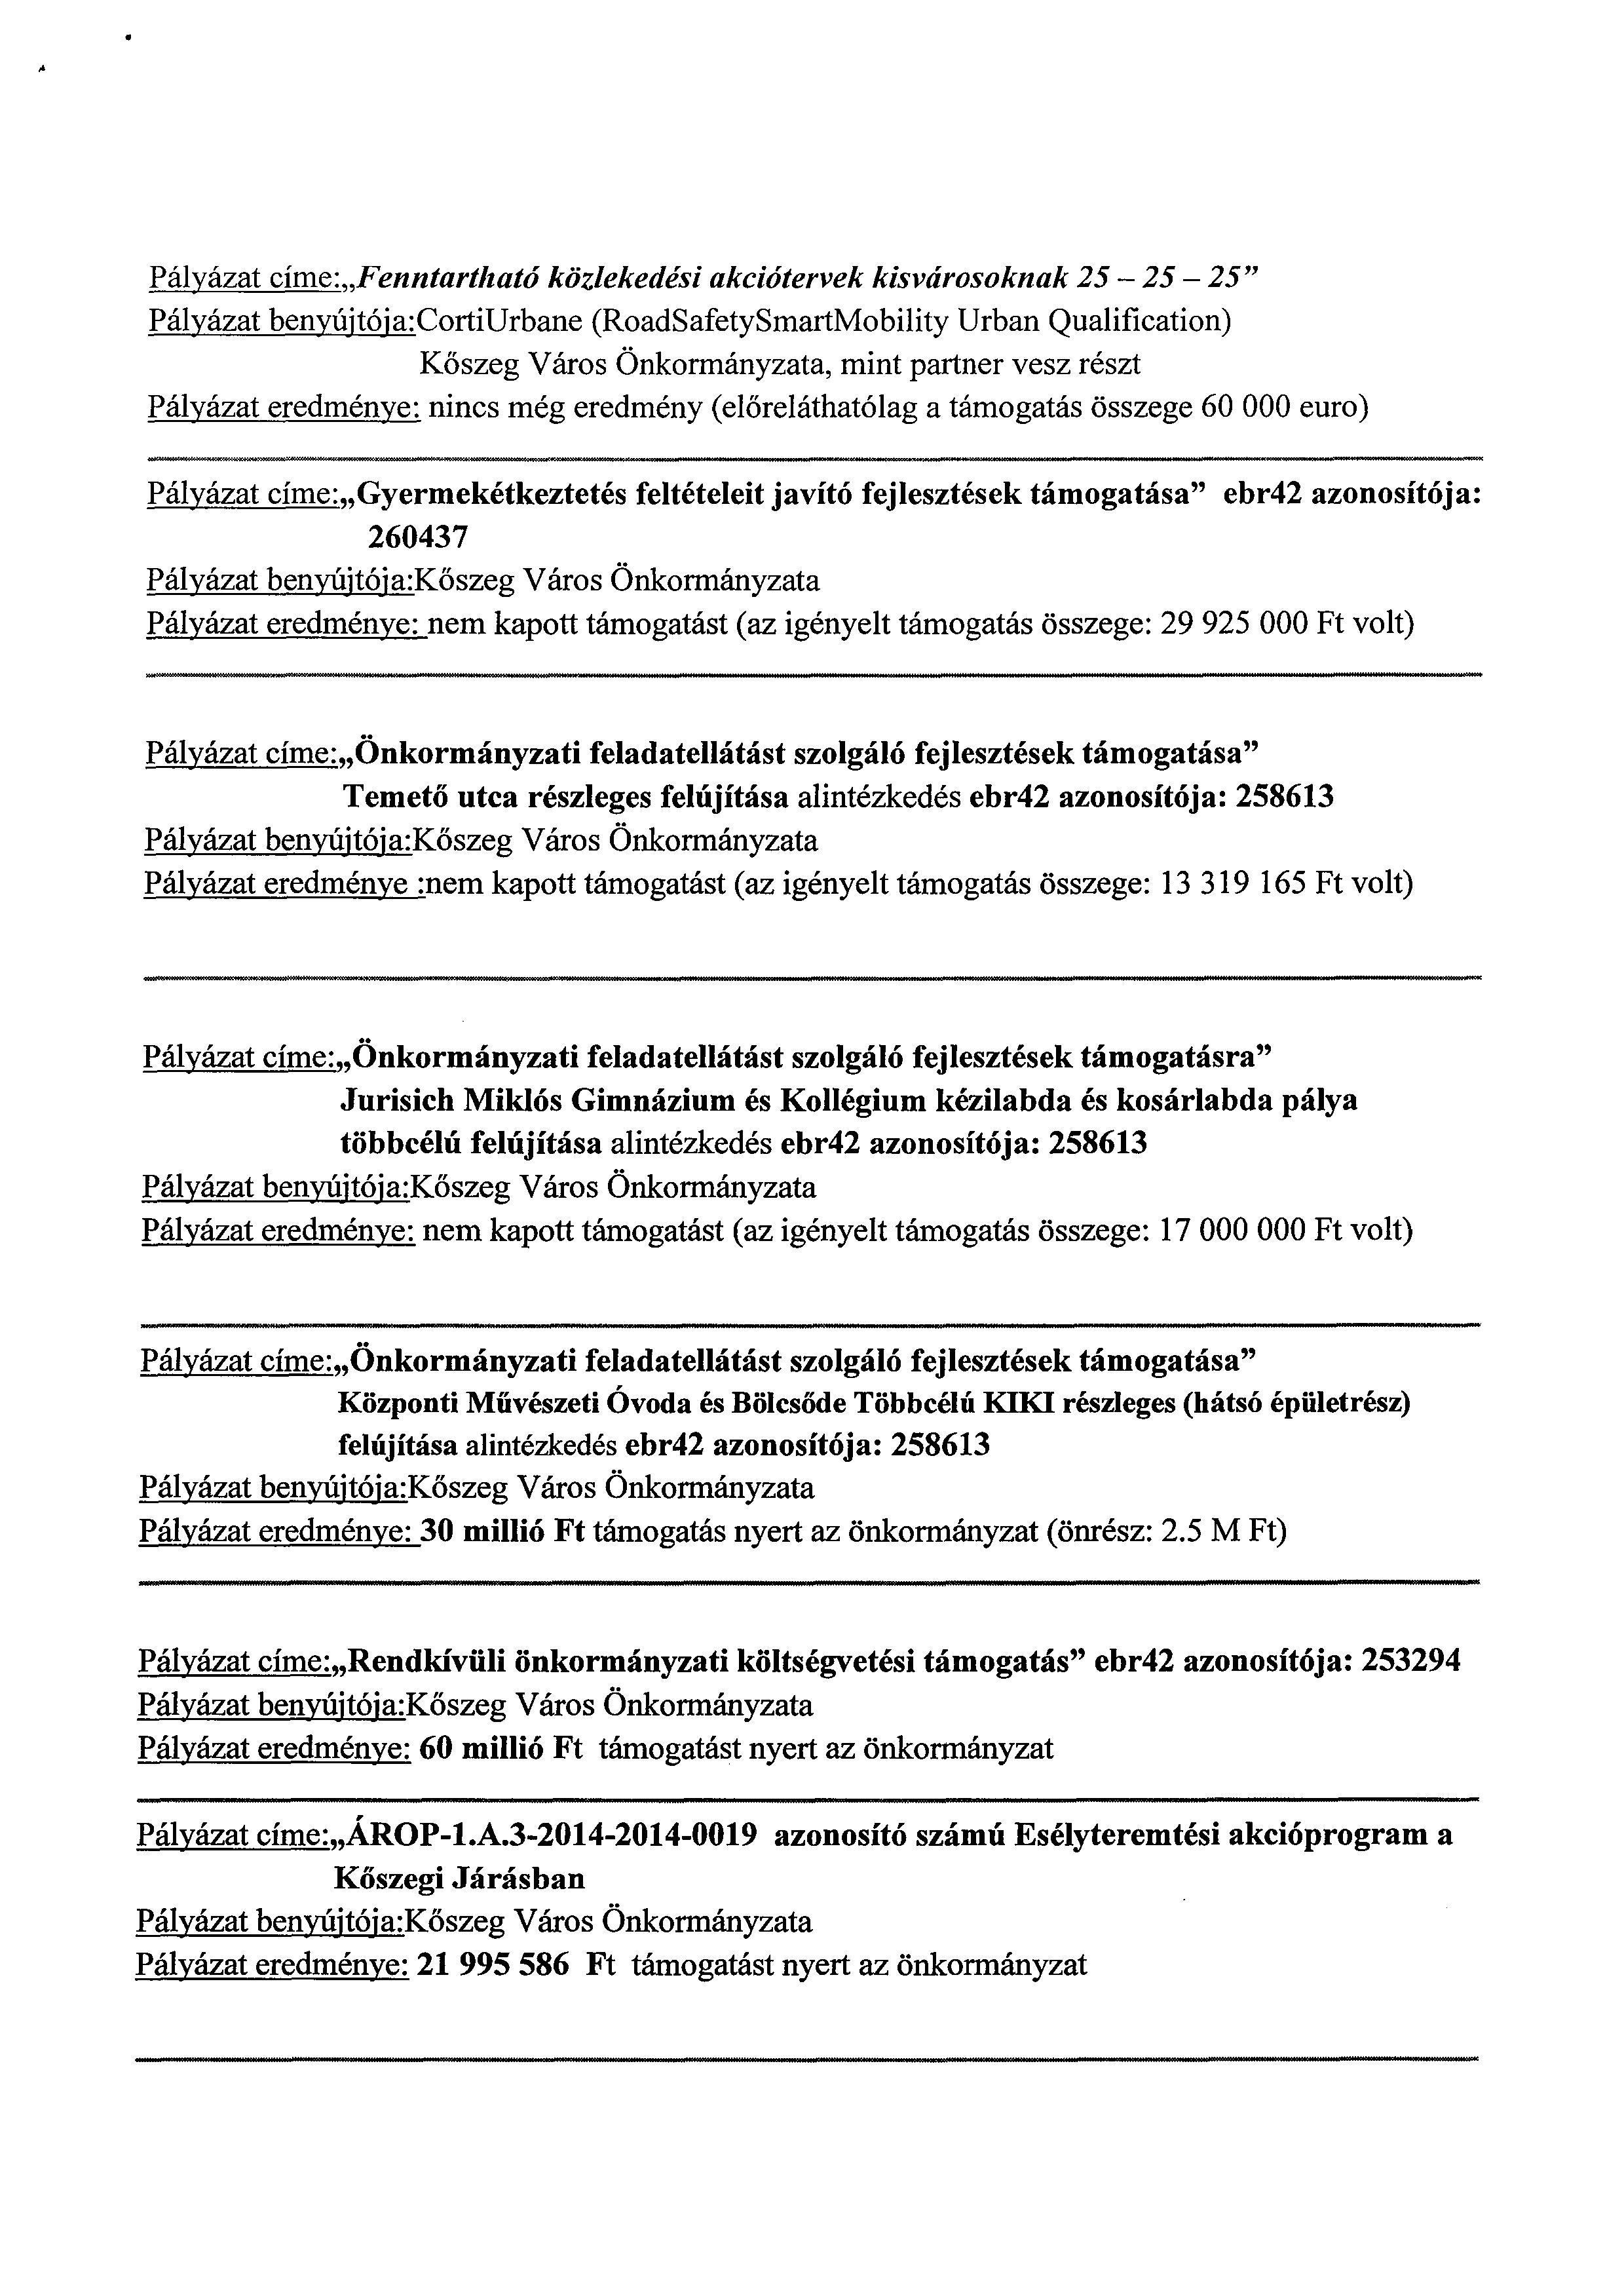 2015. évi pályázatok-page-002